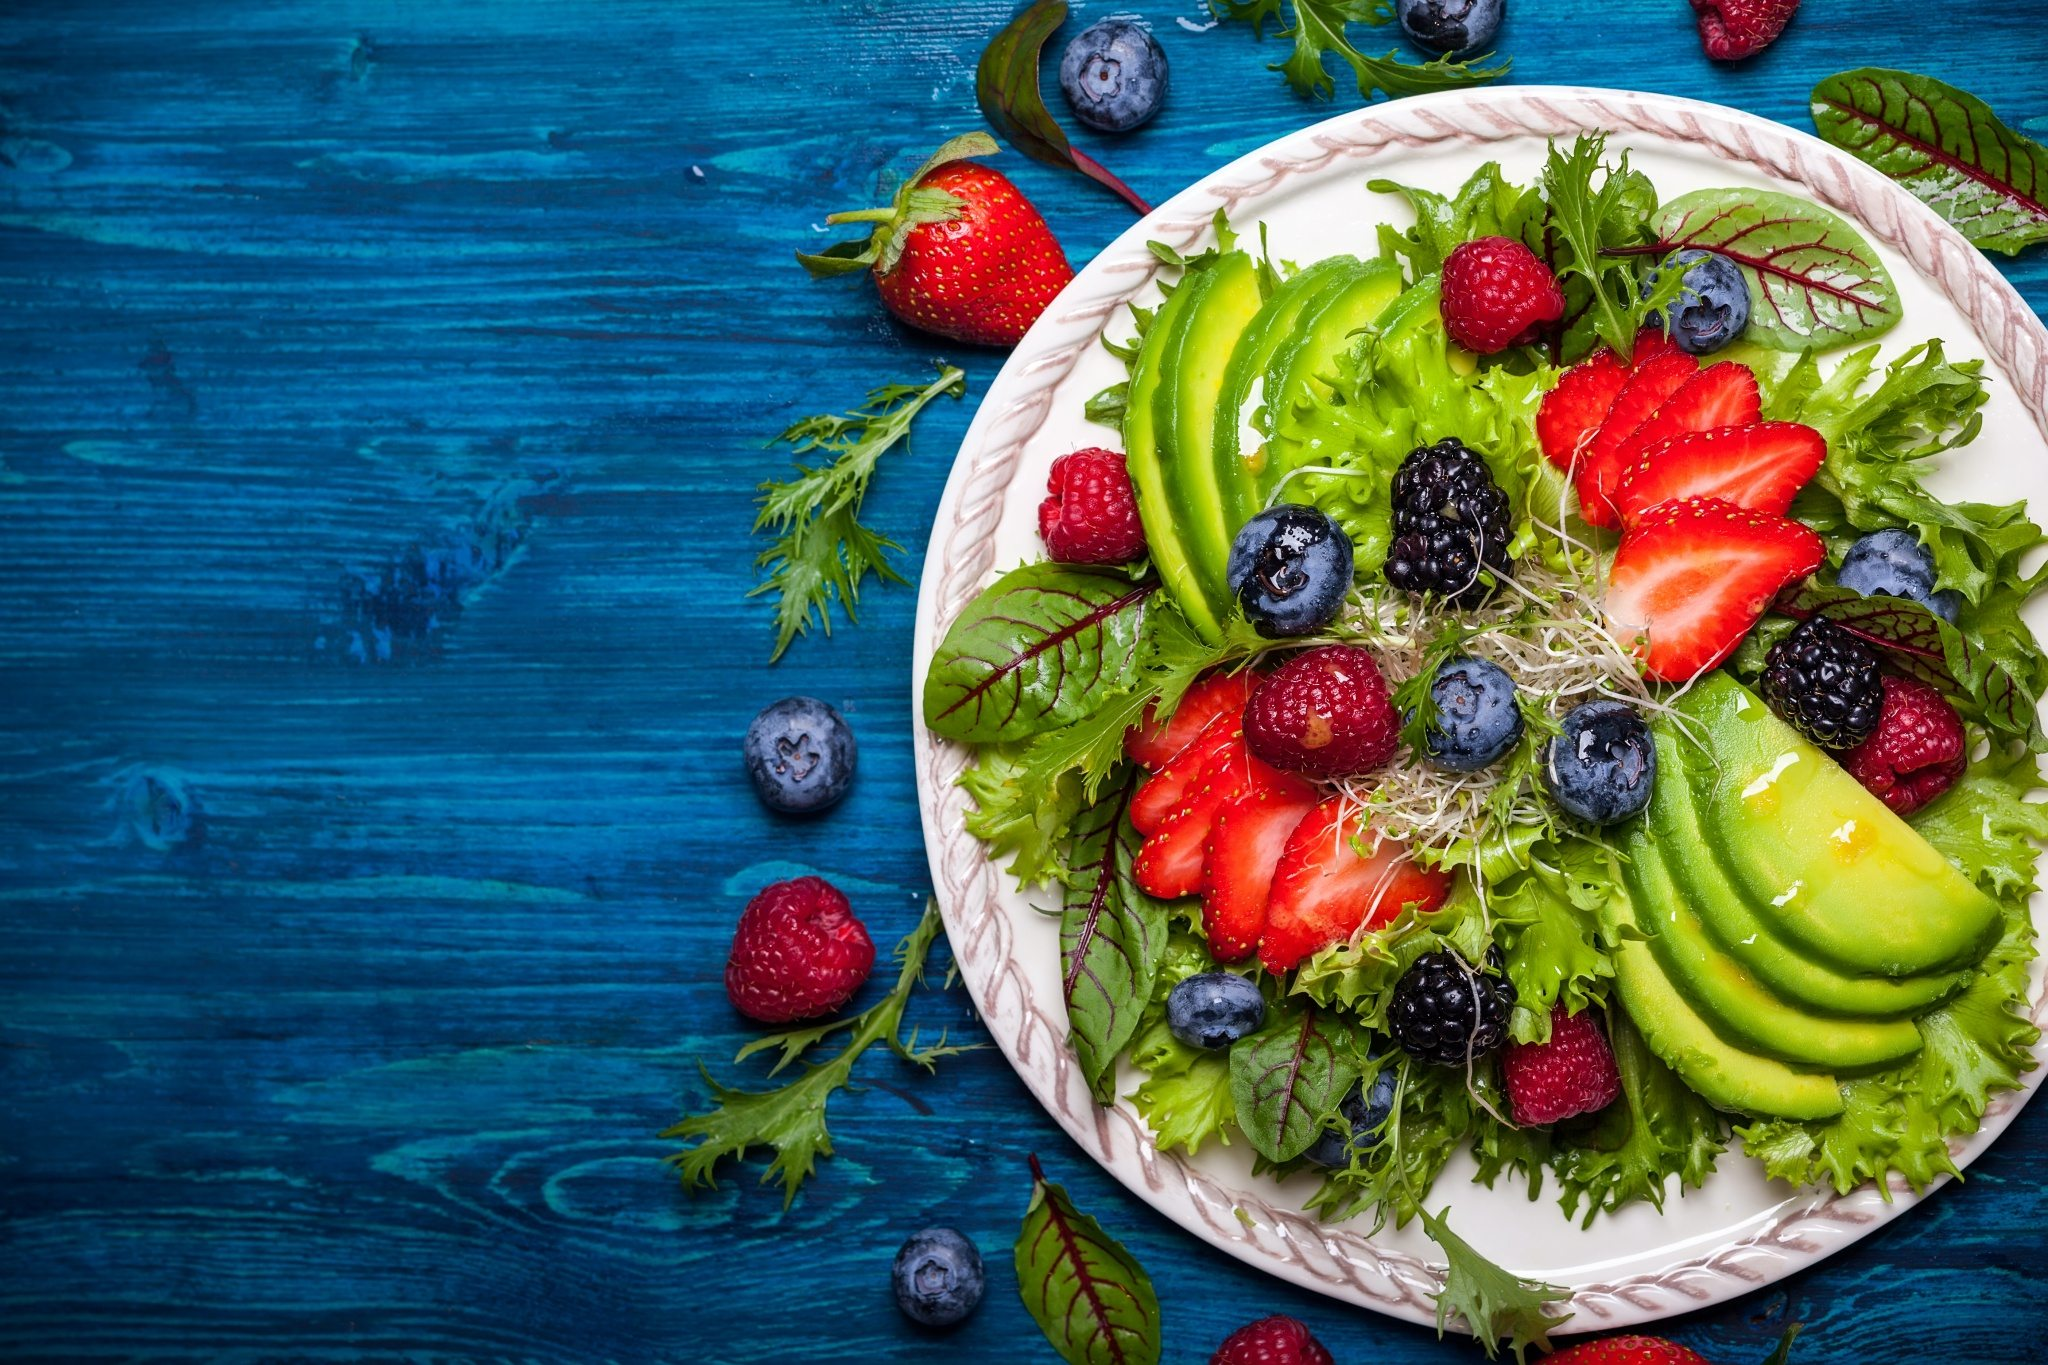 Διατροφή: Πώς θα πάρετε τις βιταμίνες και τα μέταλλα που χρειάζεστε [vid]